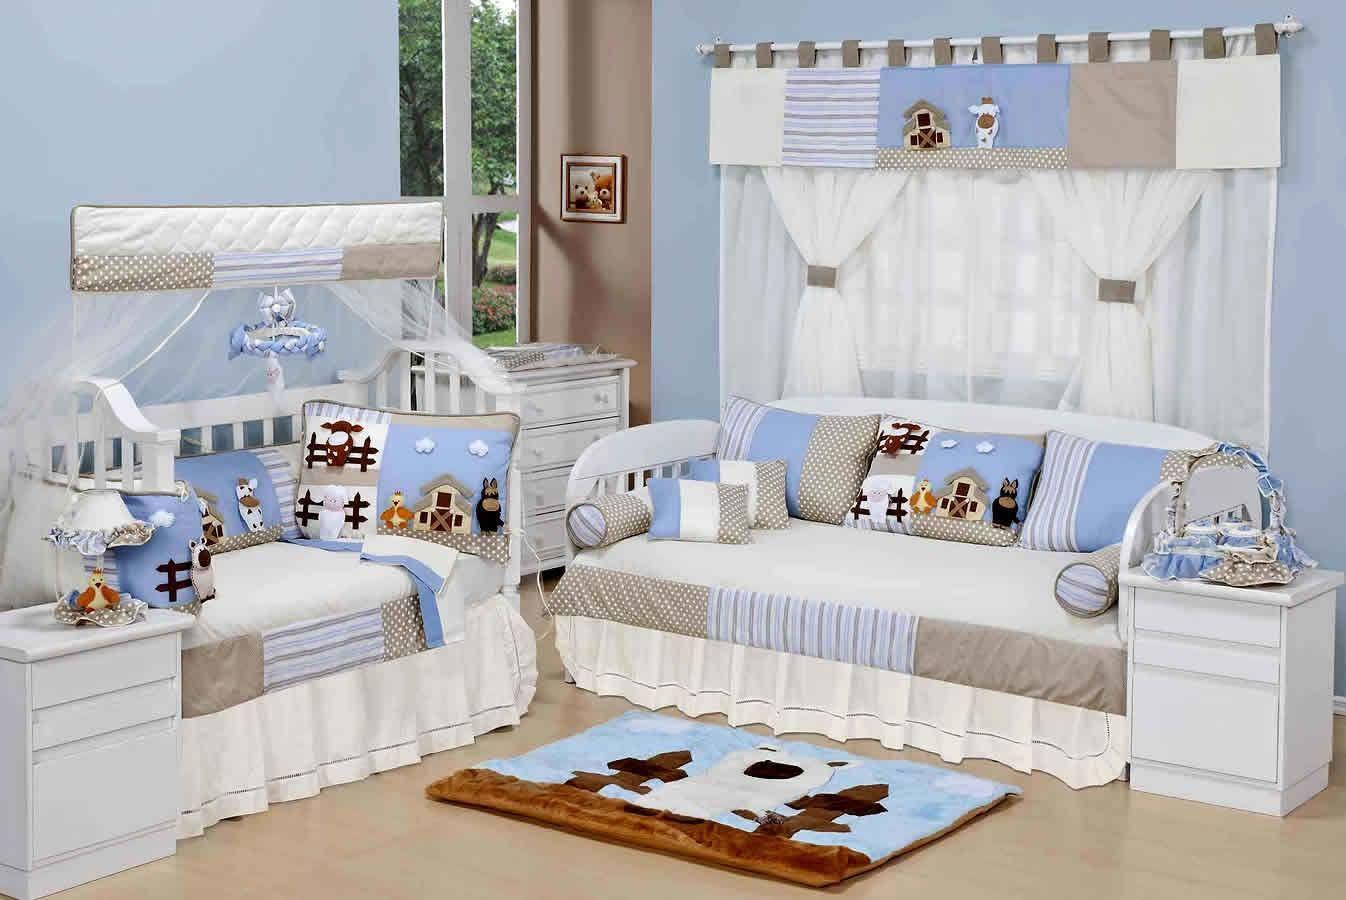 O Quarto De Beb Ursinho Beb Azul O Cantinho Que Seu Menino  ~ Quarto De Bebe Azul E Marrom E Quarto Para Gemeos Casal